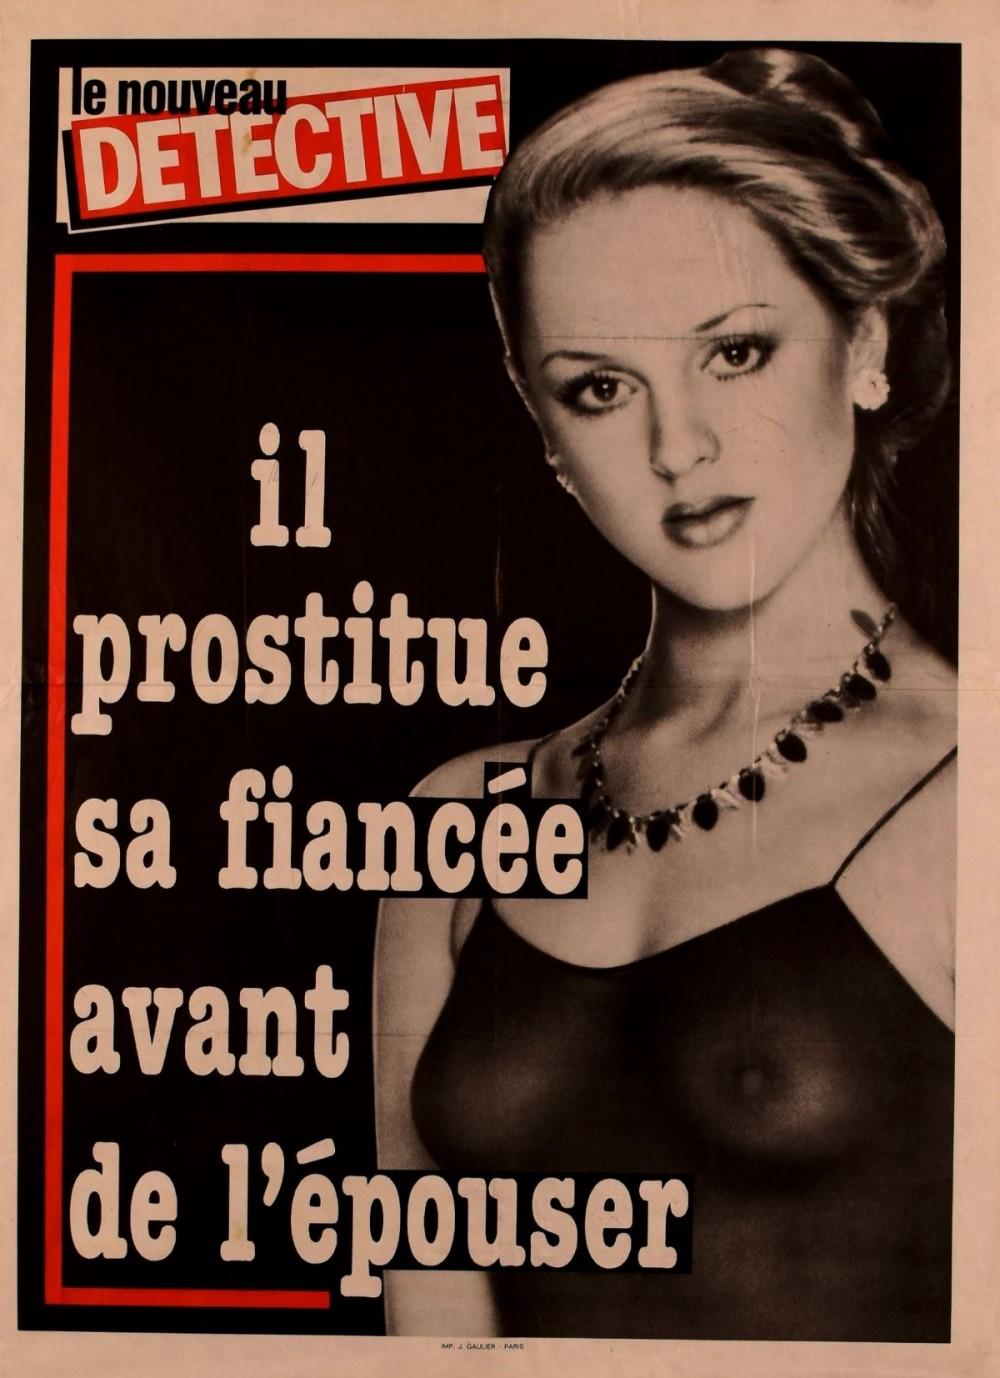 Il Prostitue Sa Fiancee Avant de l'epouser